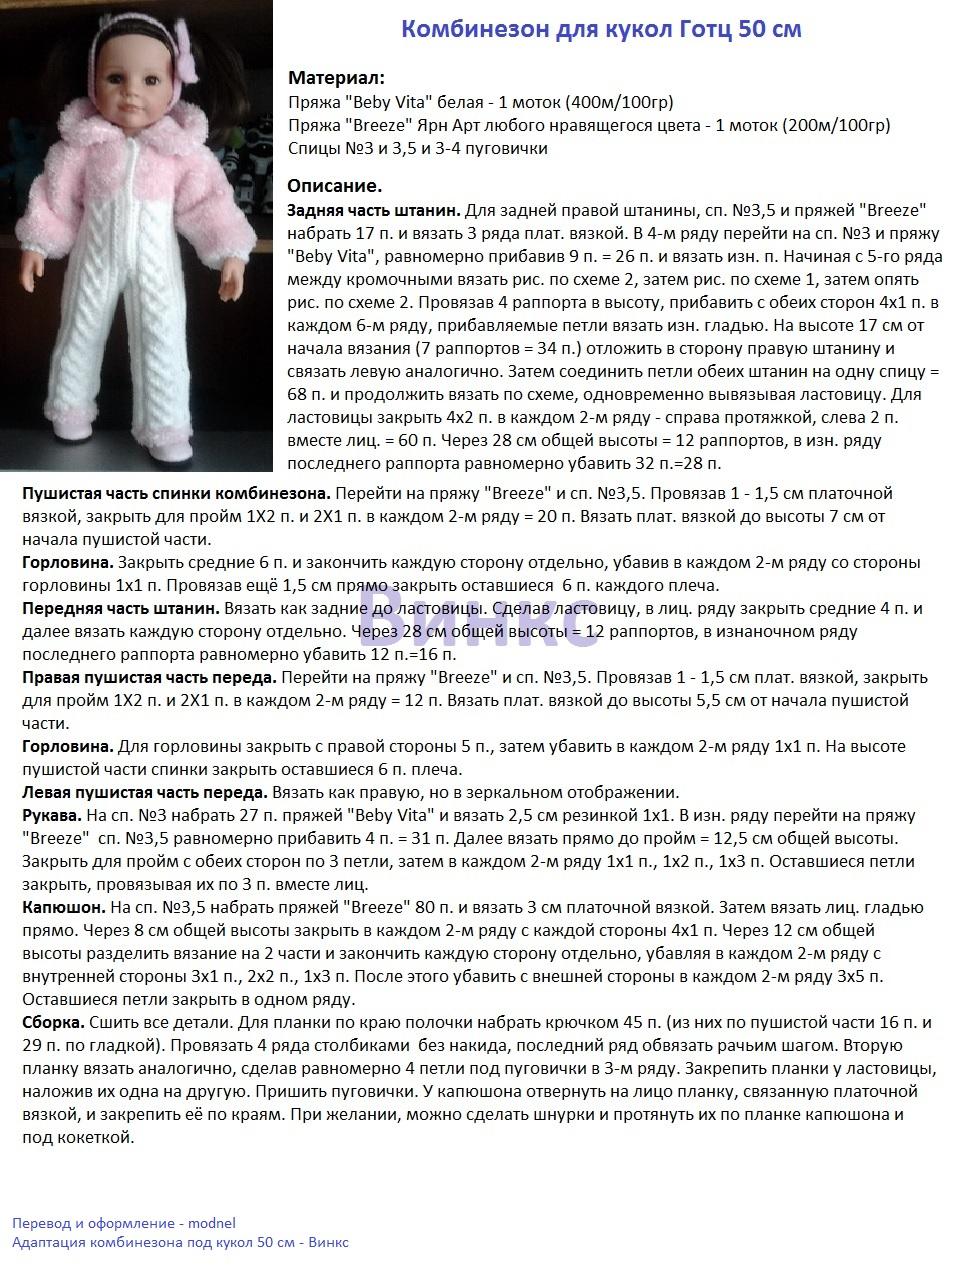 Схема вязания комбинезона для куклы спицами